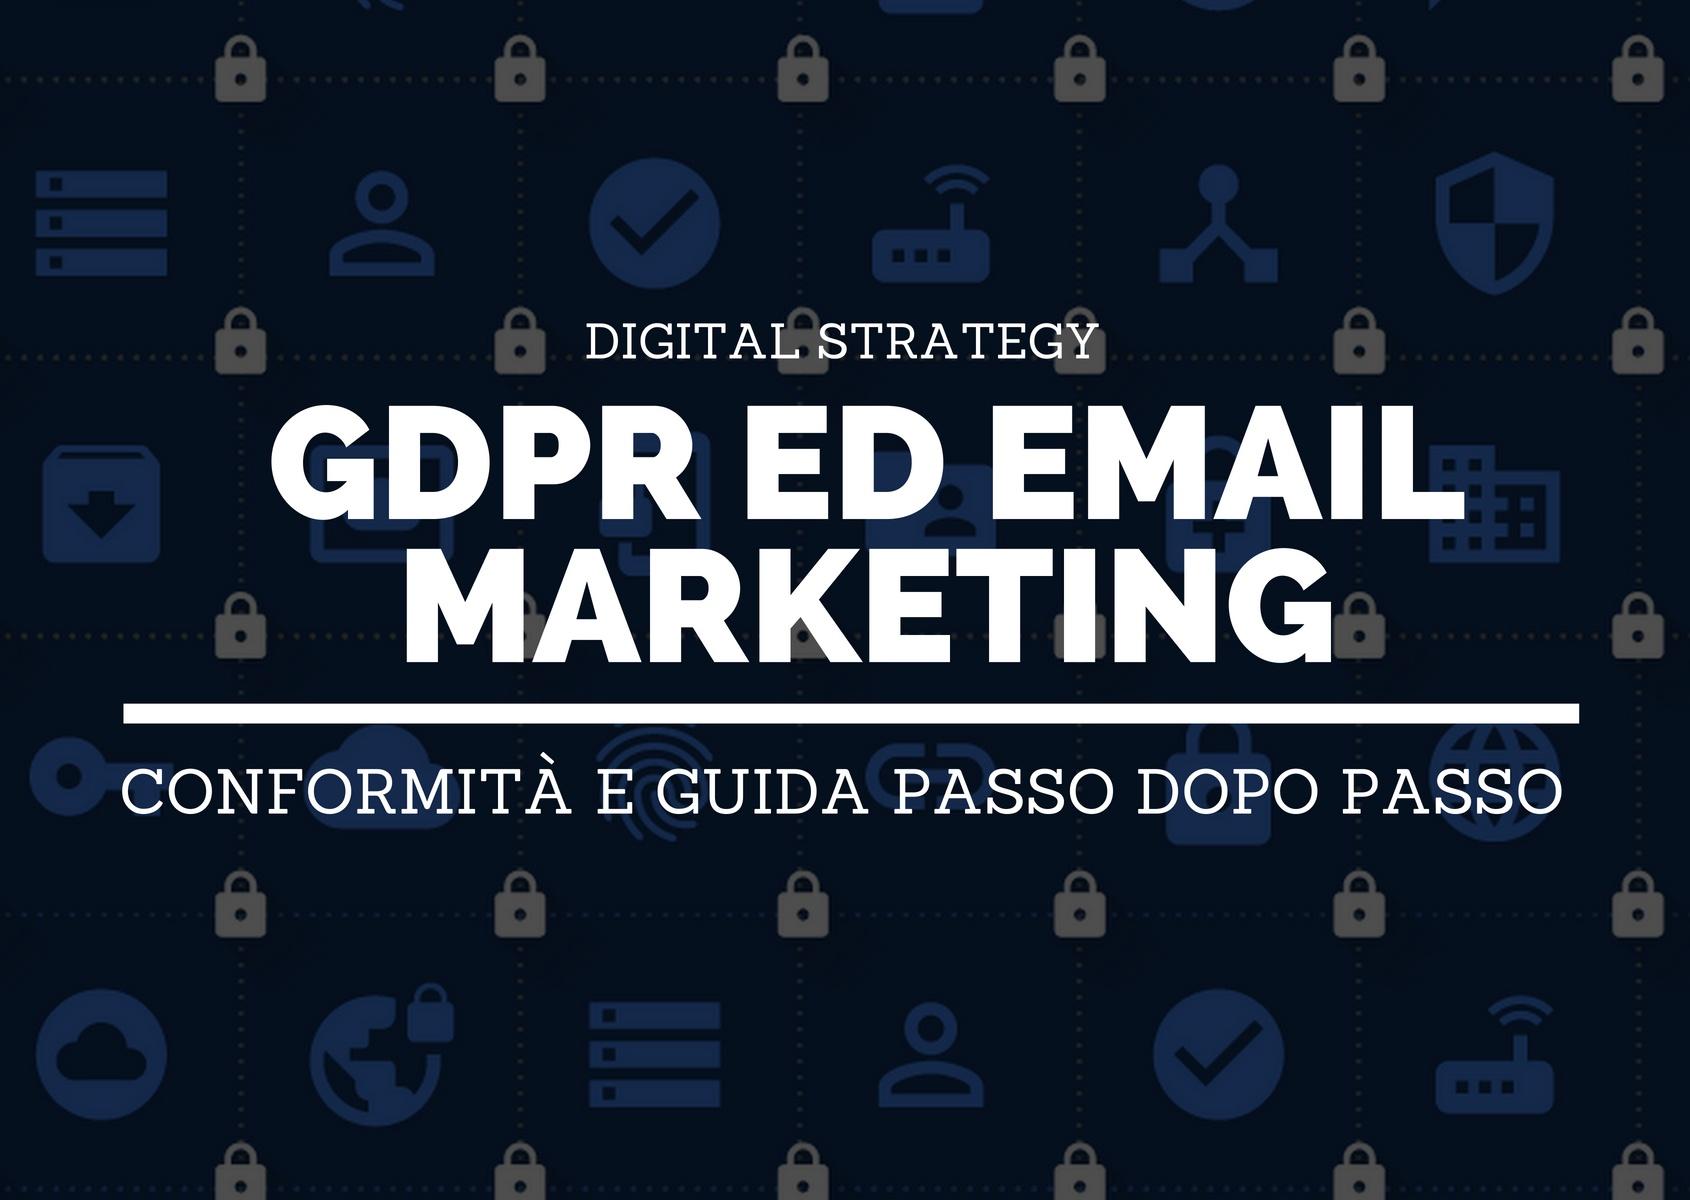 GDPR ed email marketing: conformità e guida passo dopo passo